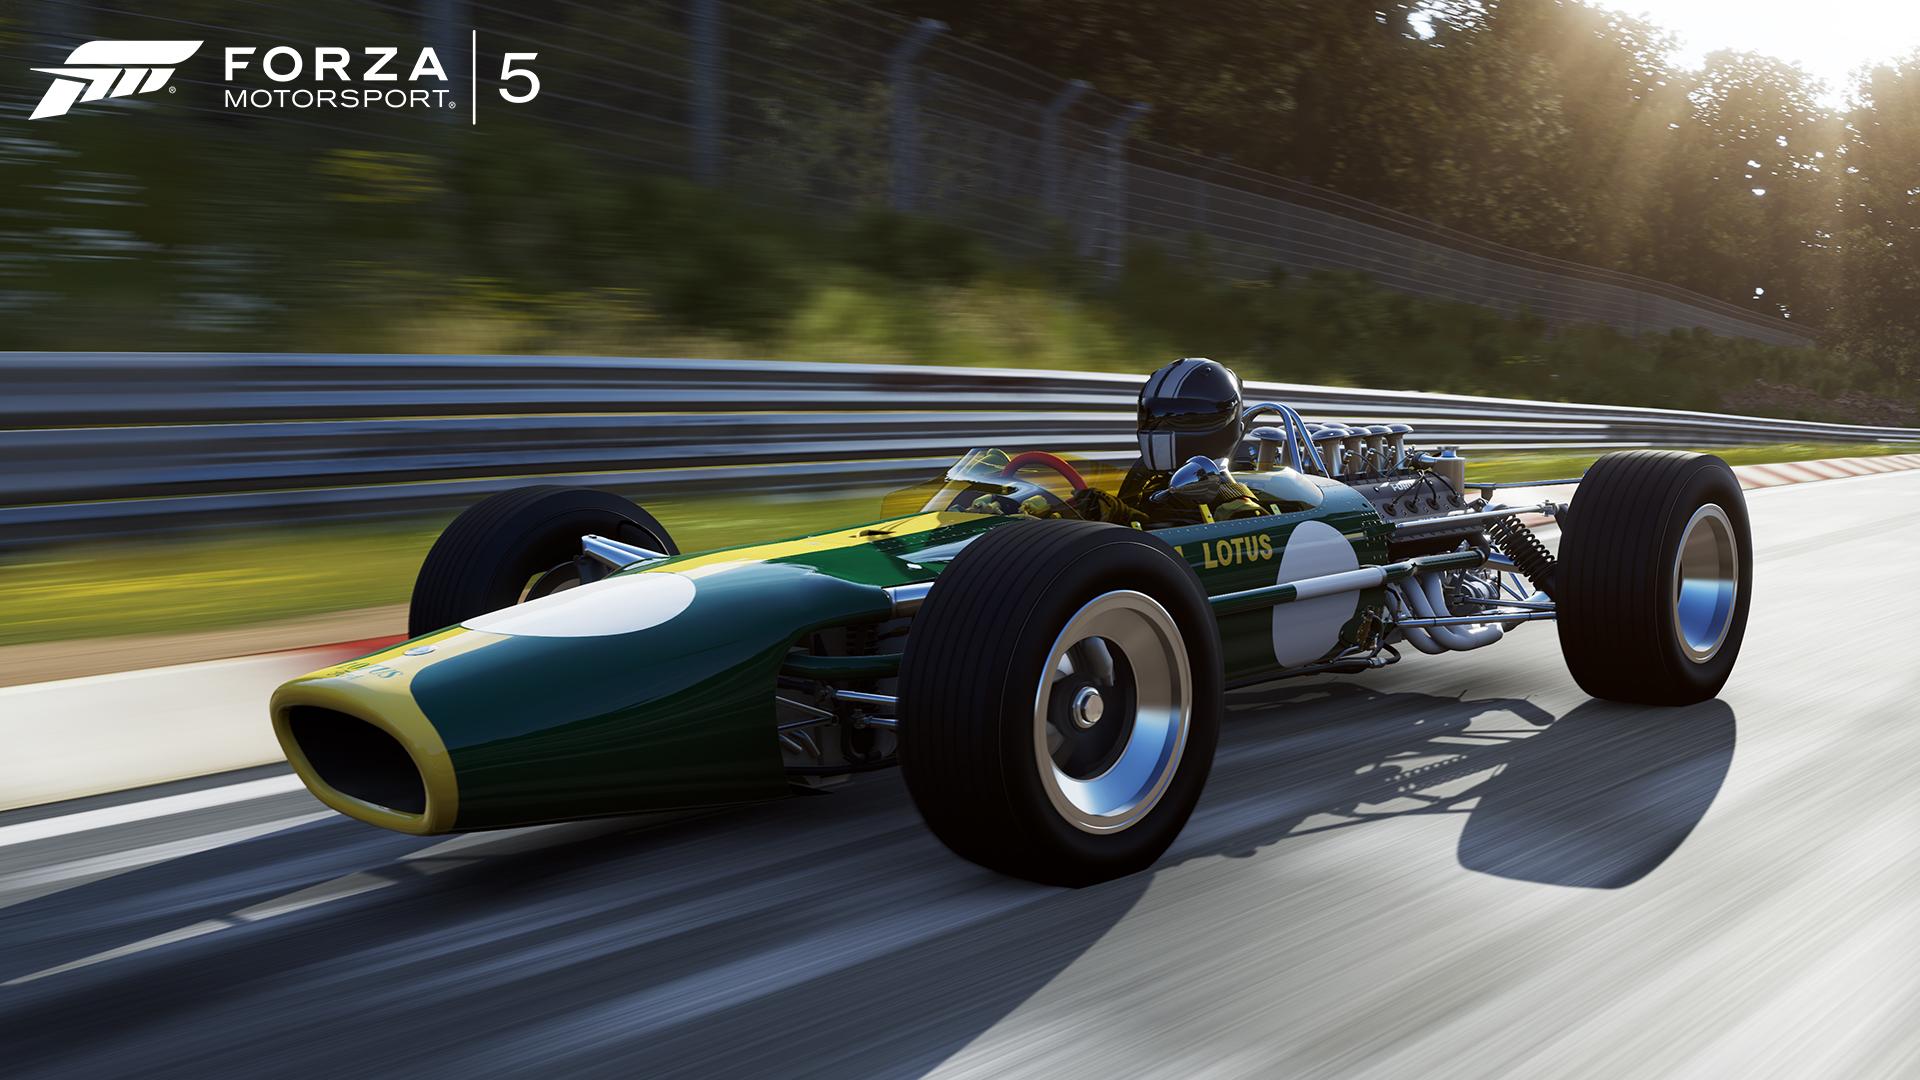 Forza Motorsport 5 ganha DLC da Hot Wheels com 10 novos carros [vídeo]